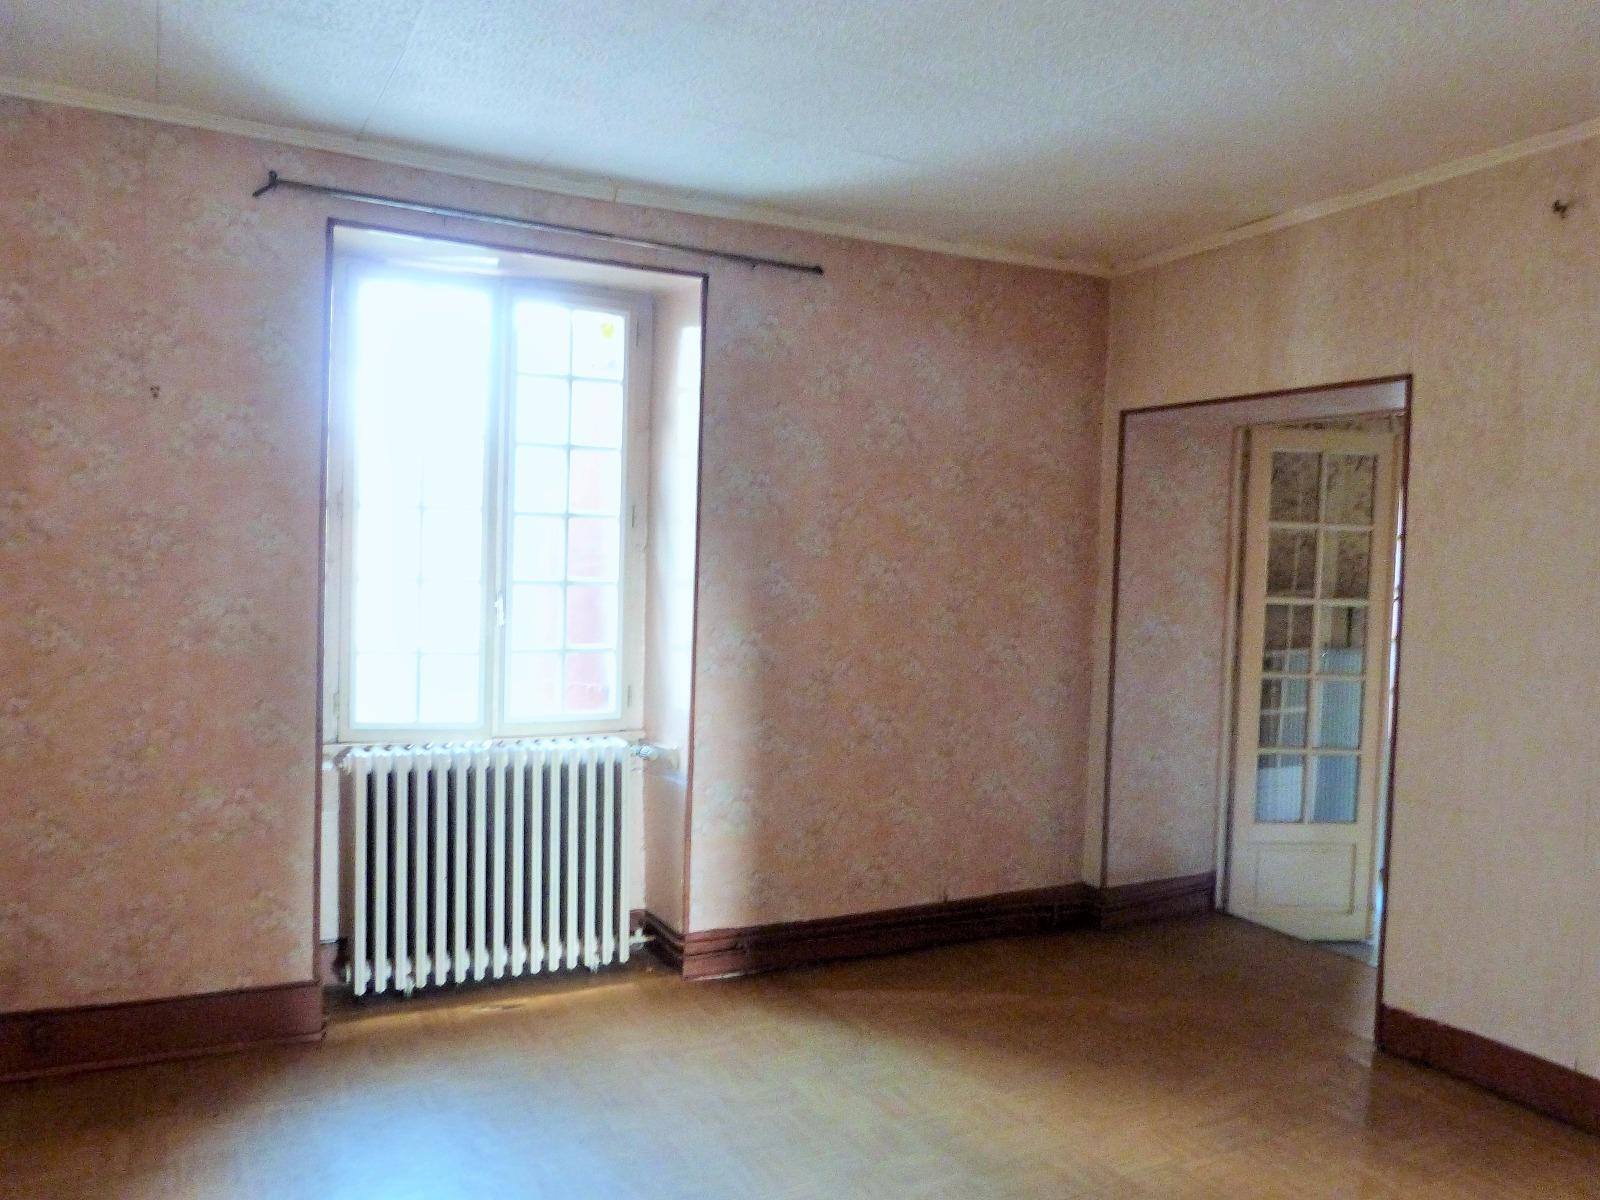 Lons le saunier 11km vends maison r nover 1er tage appartement rez de chauss e atelier - Garage thevenod lons le saunier ...